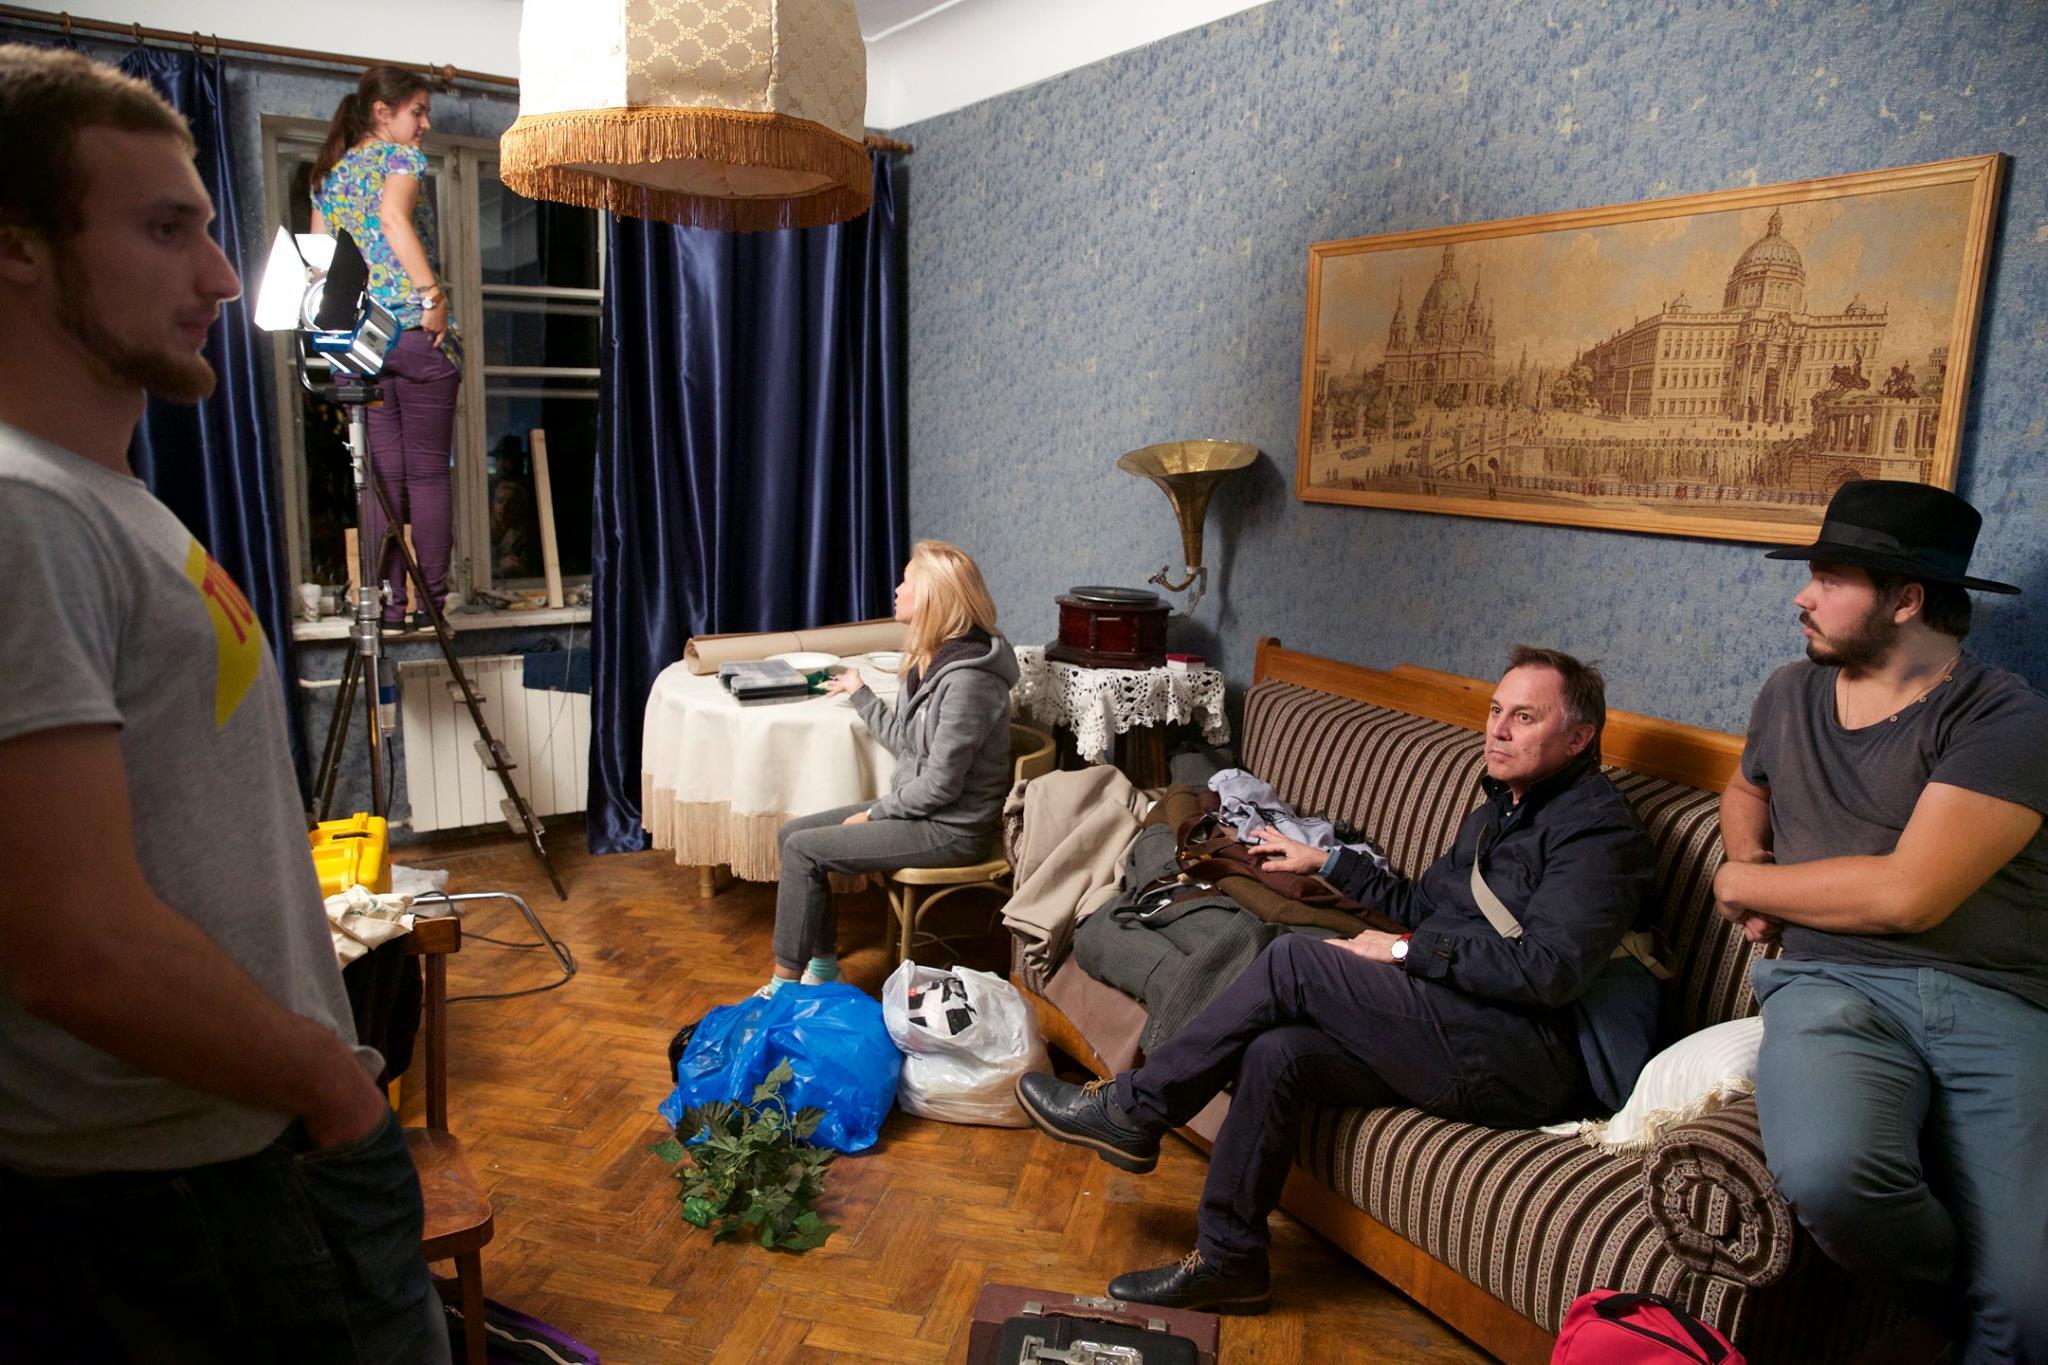 Квартира воронежского экскурсовода стала съемочной площадкой фильма о Маршаке